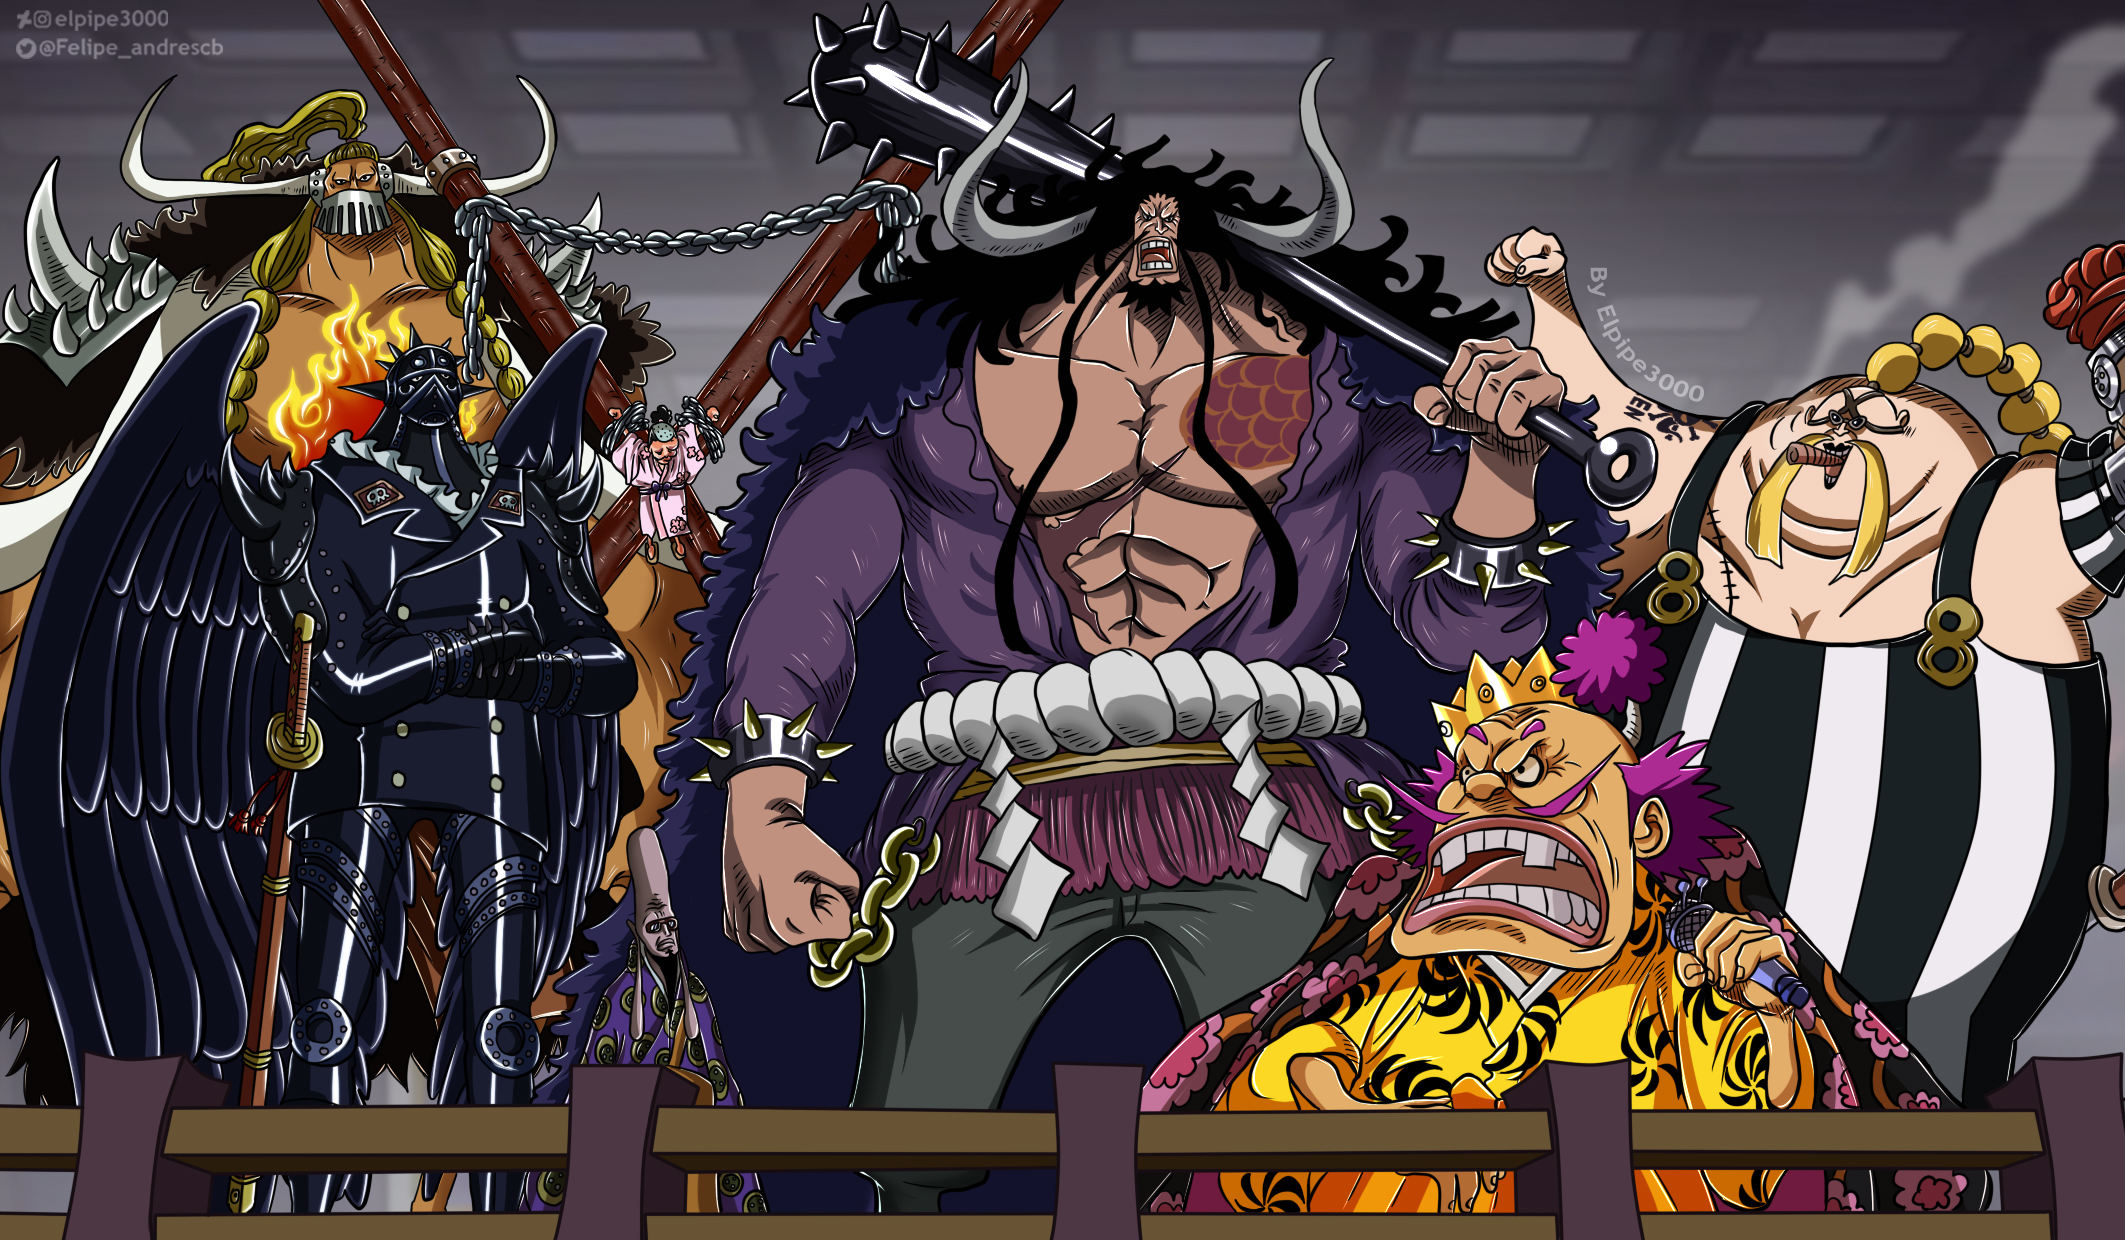 One Piece 984 Piratas Bestias By Elpipe3000 On Deviantart